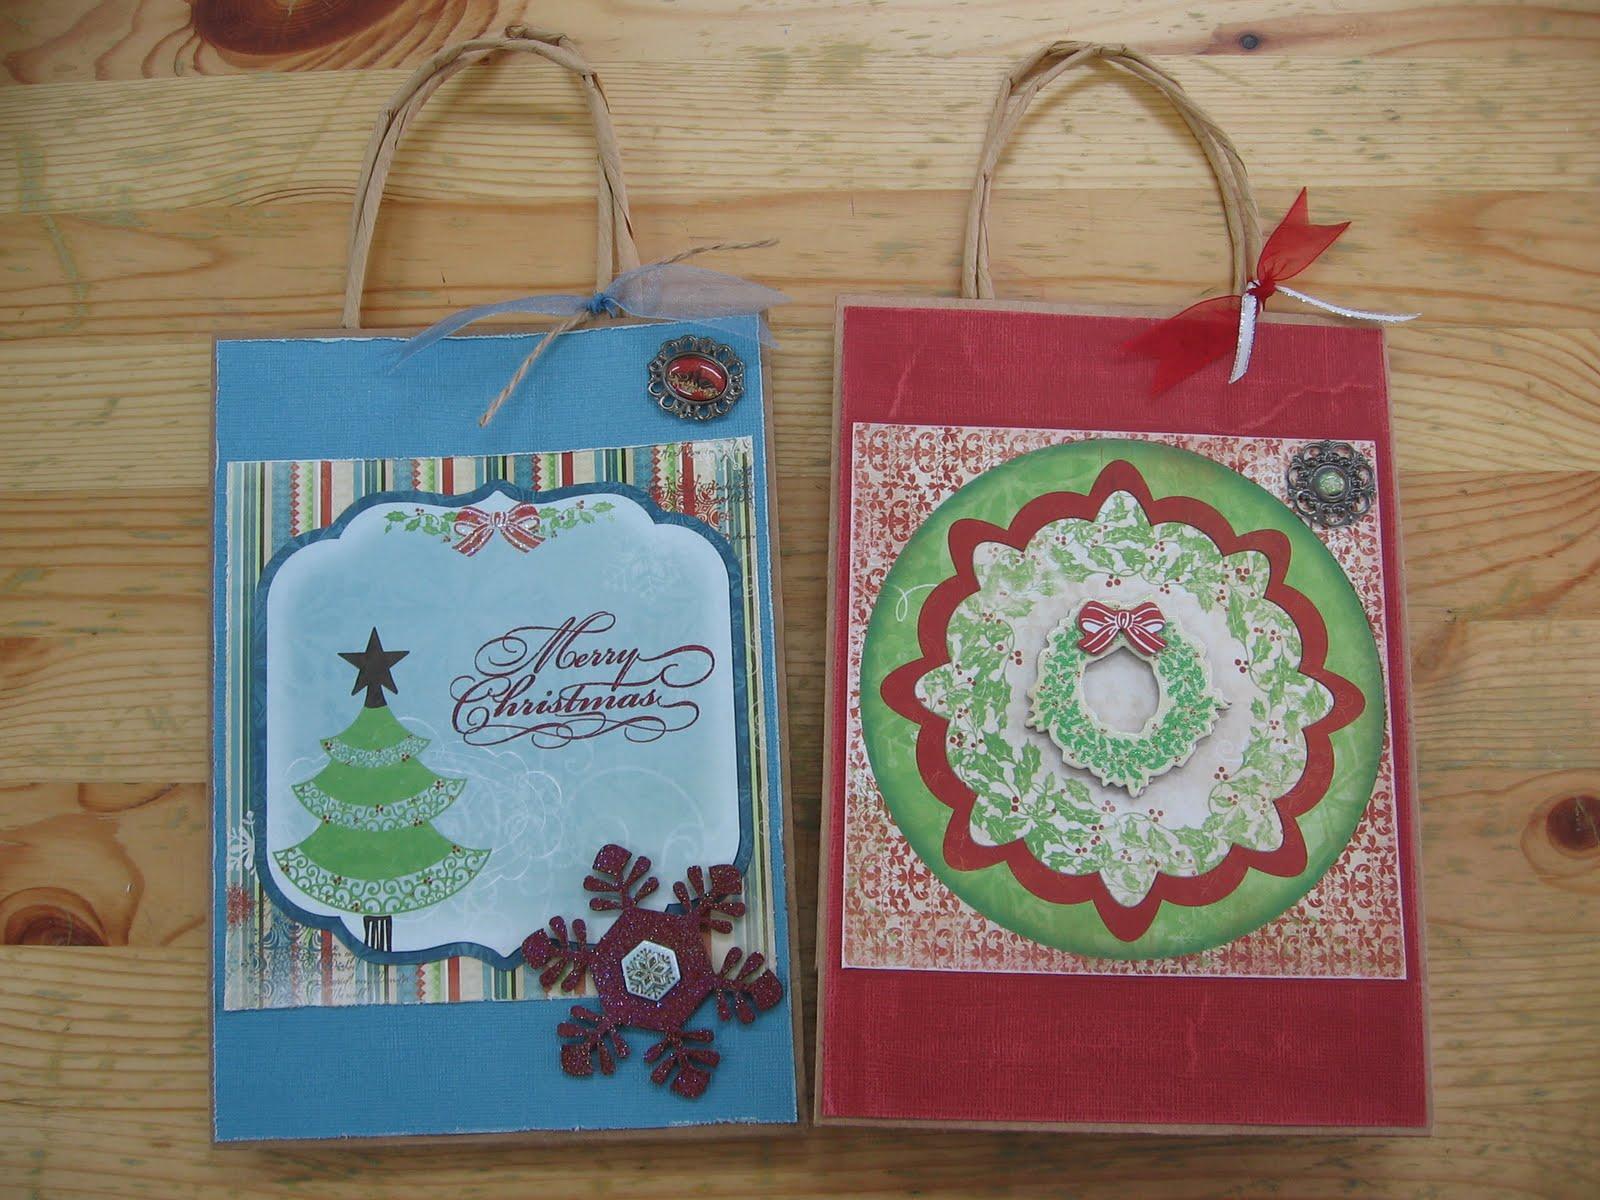 My stamping studio christmas gift bag decorating christmas gift bag decorating negle Gallery